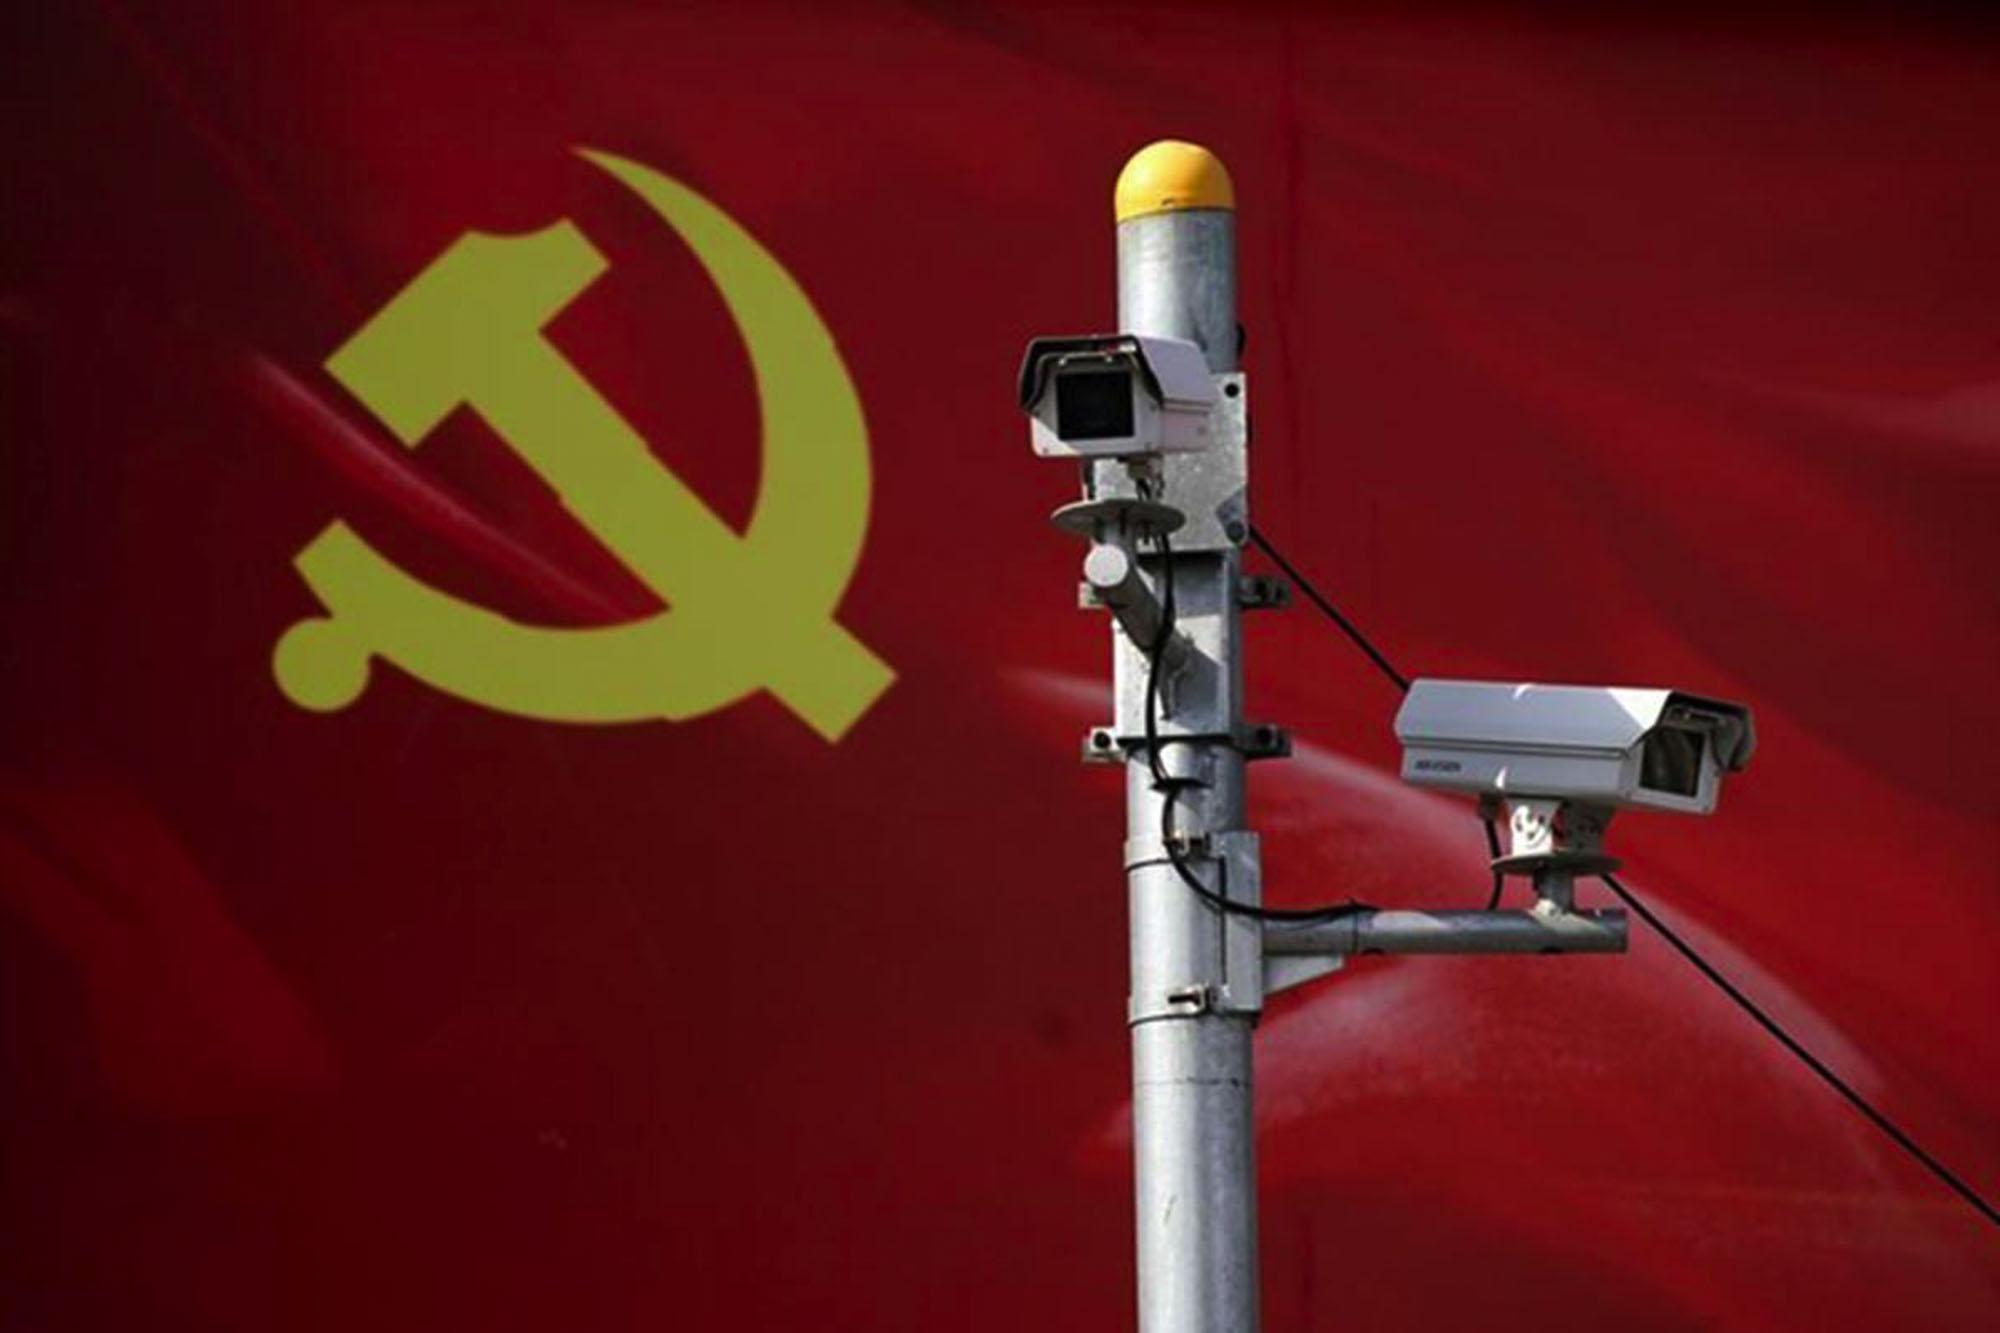 Câmara de video-vigilância numa rua chinesa. Fonte: Financialexpress.com